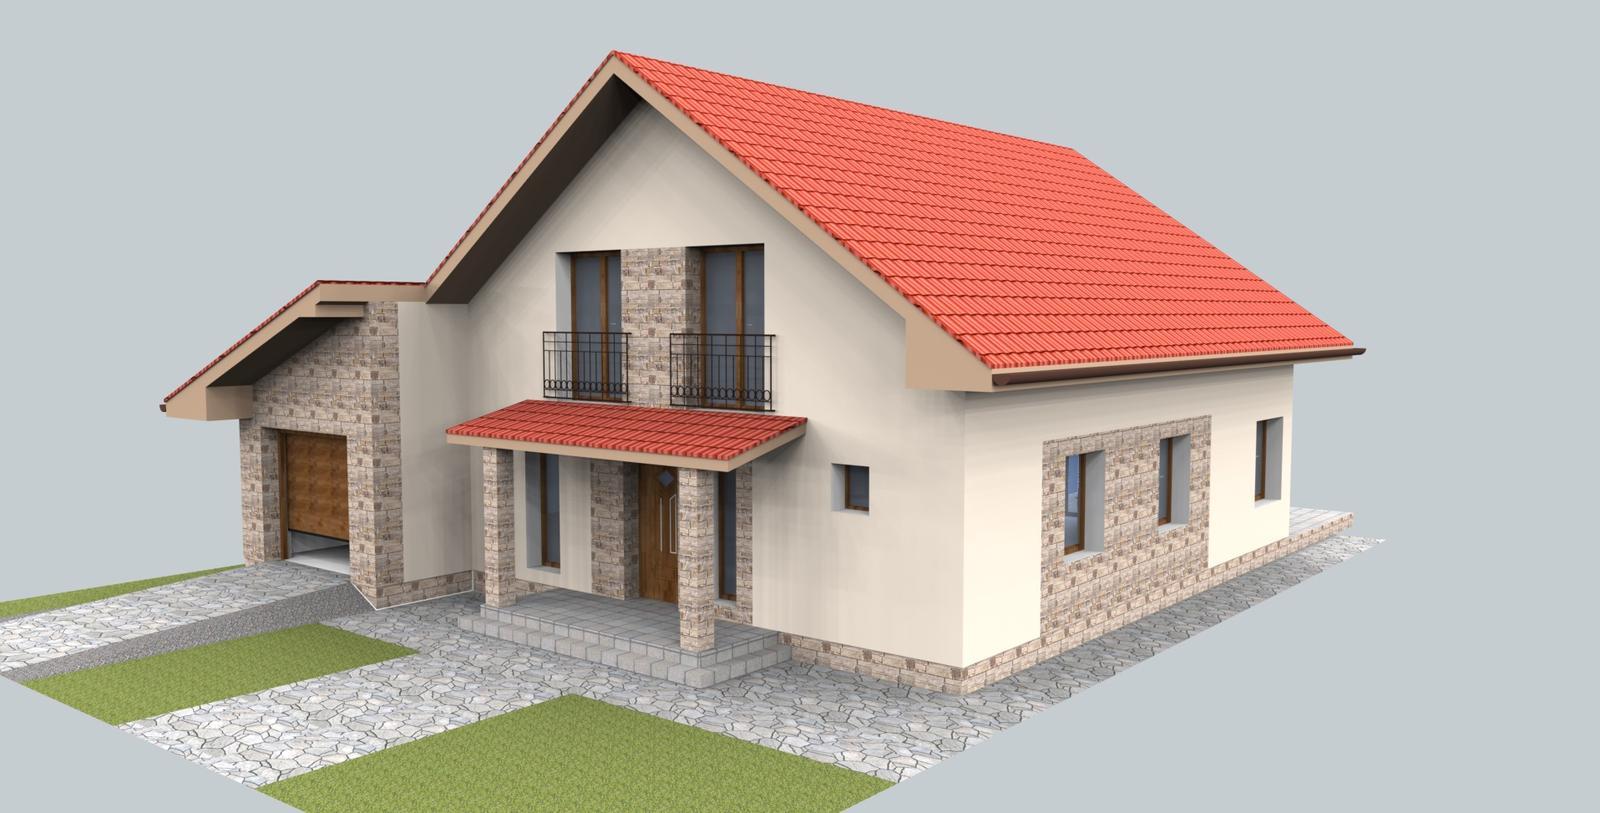 Prebiehajuce projekty - Návrh fasády rodinného domu